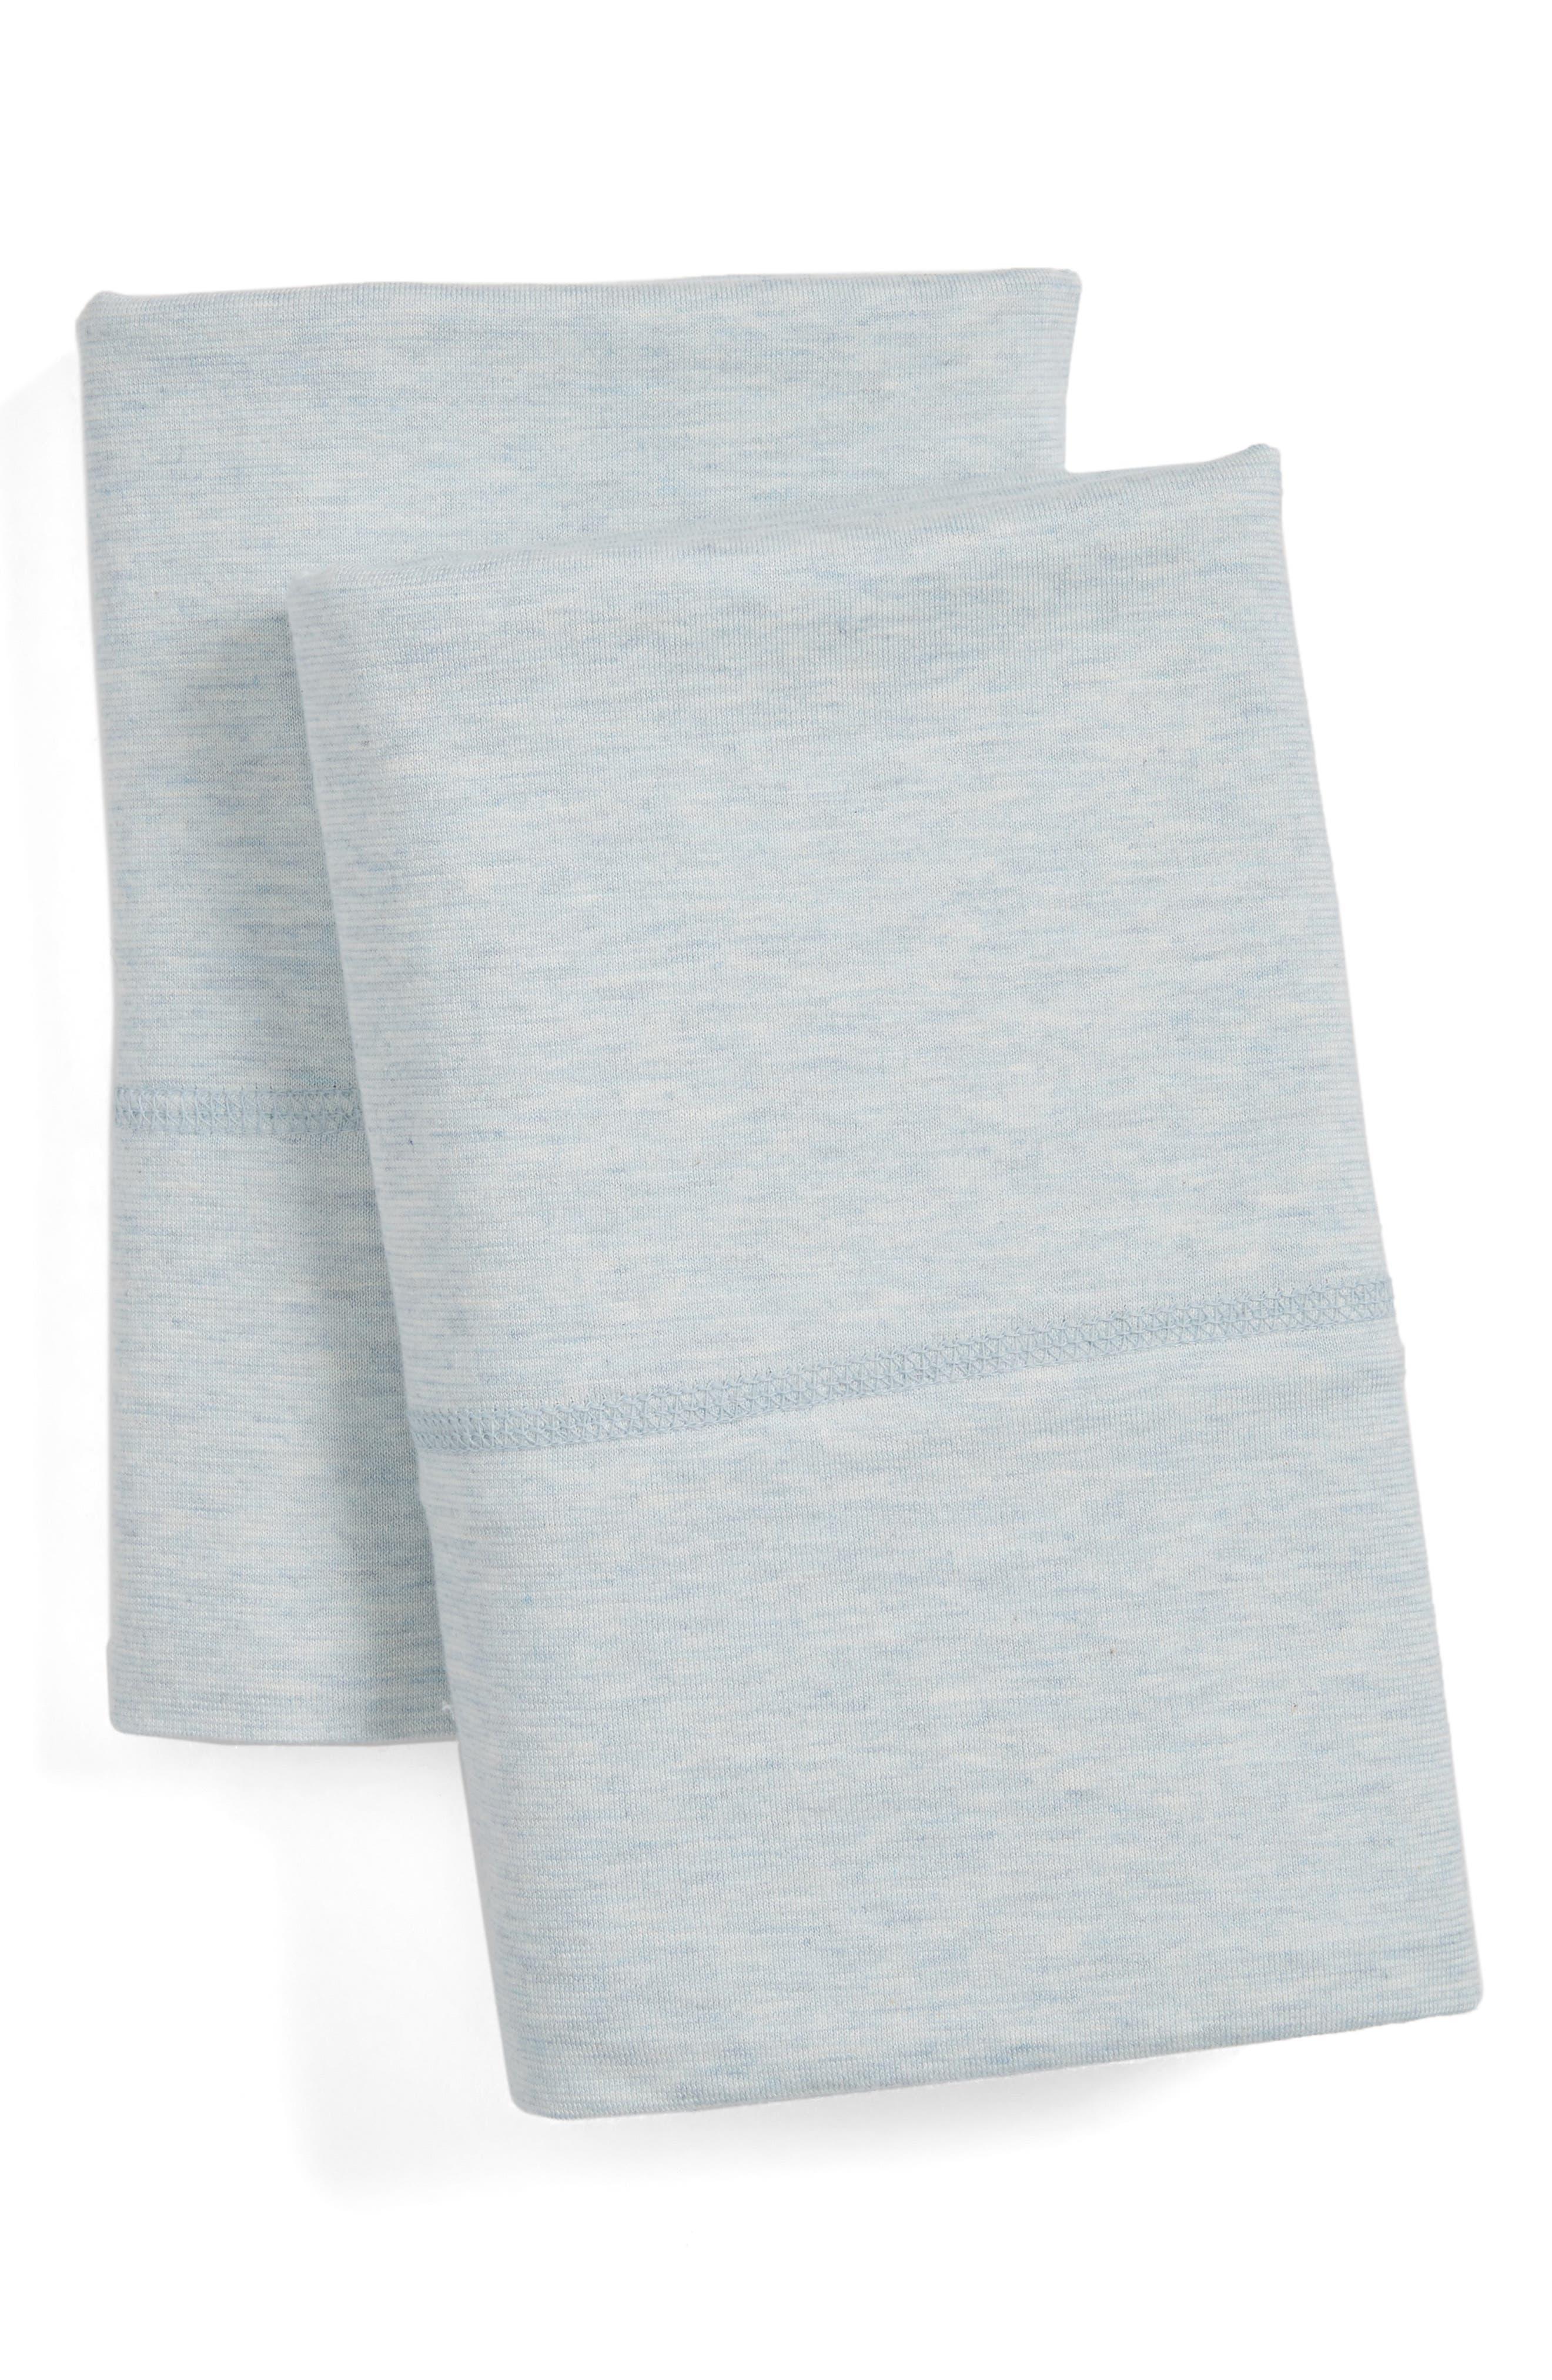 Modern Cotton Collection Cotton & Modal Pillowcases,                             Main thumbnail 1, color,                             020